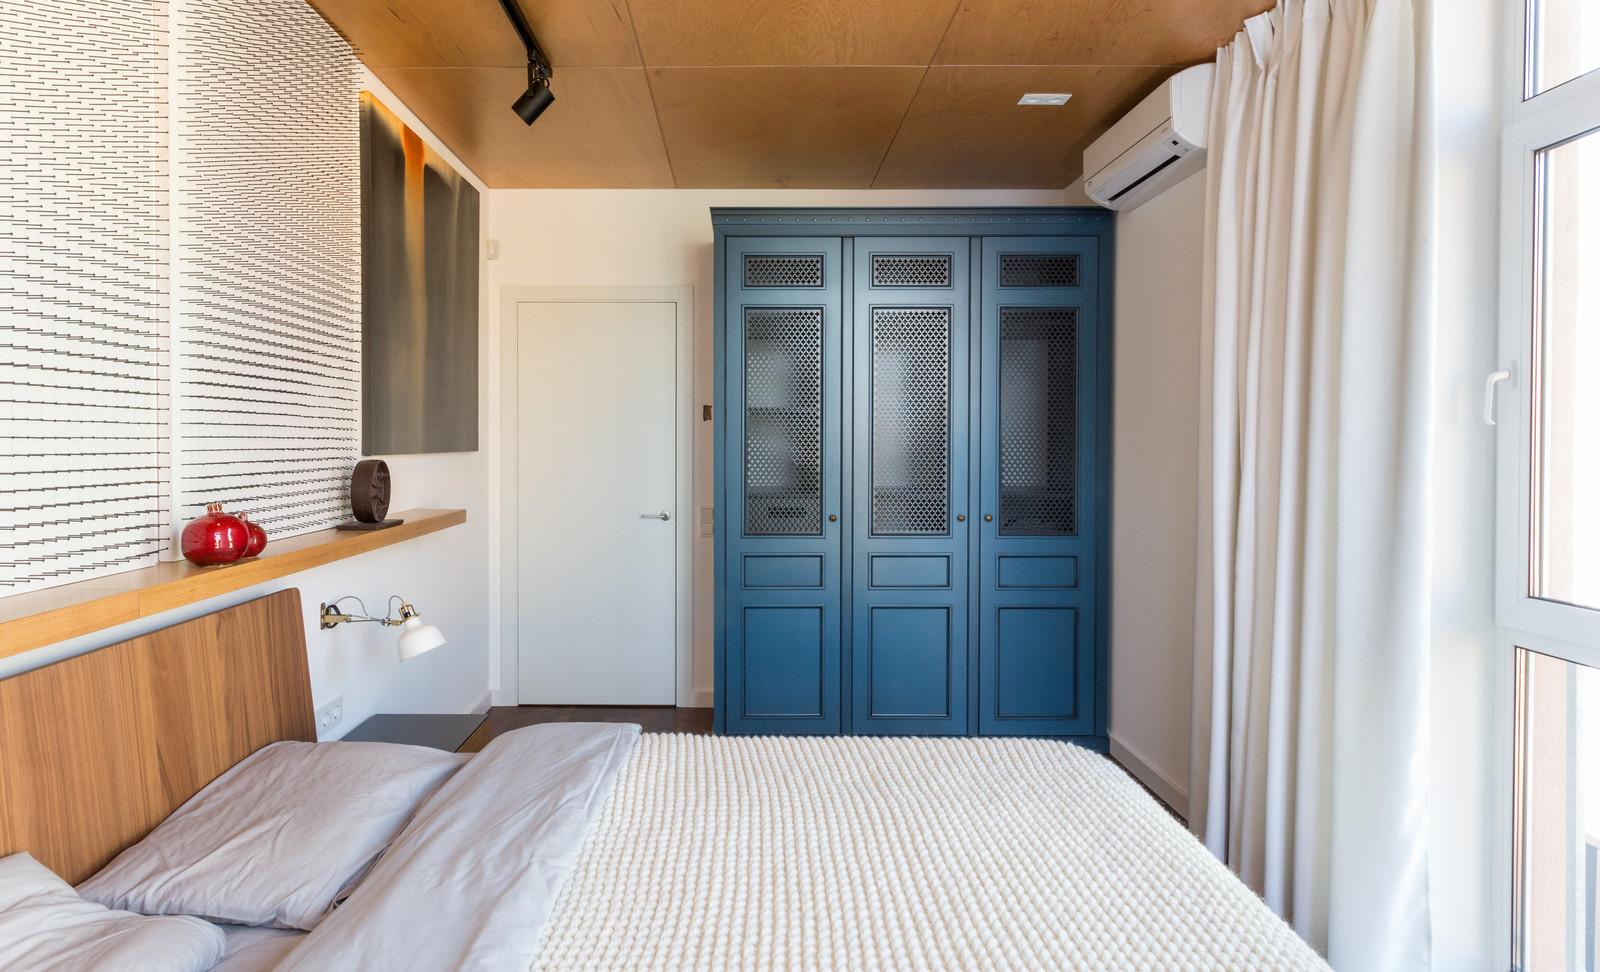 Apartment-design-just3ds.com-13